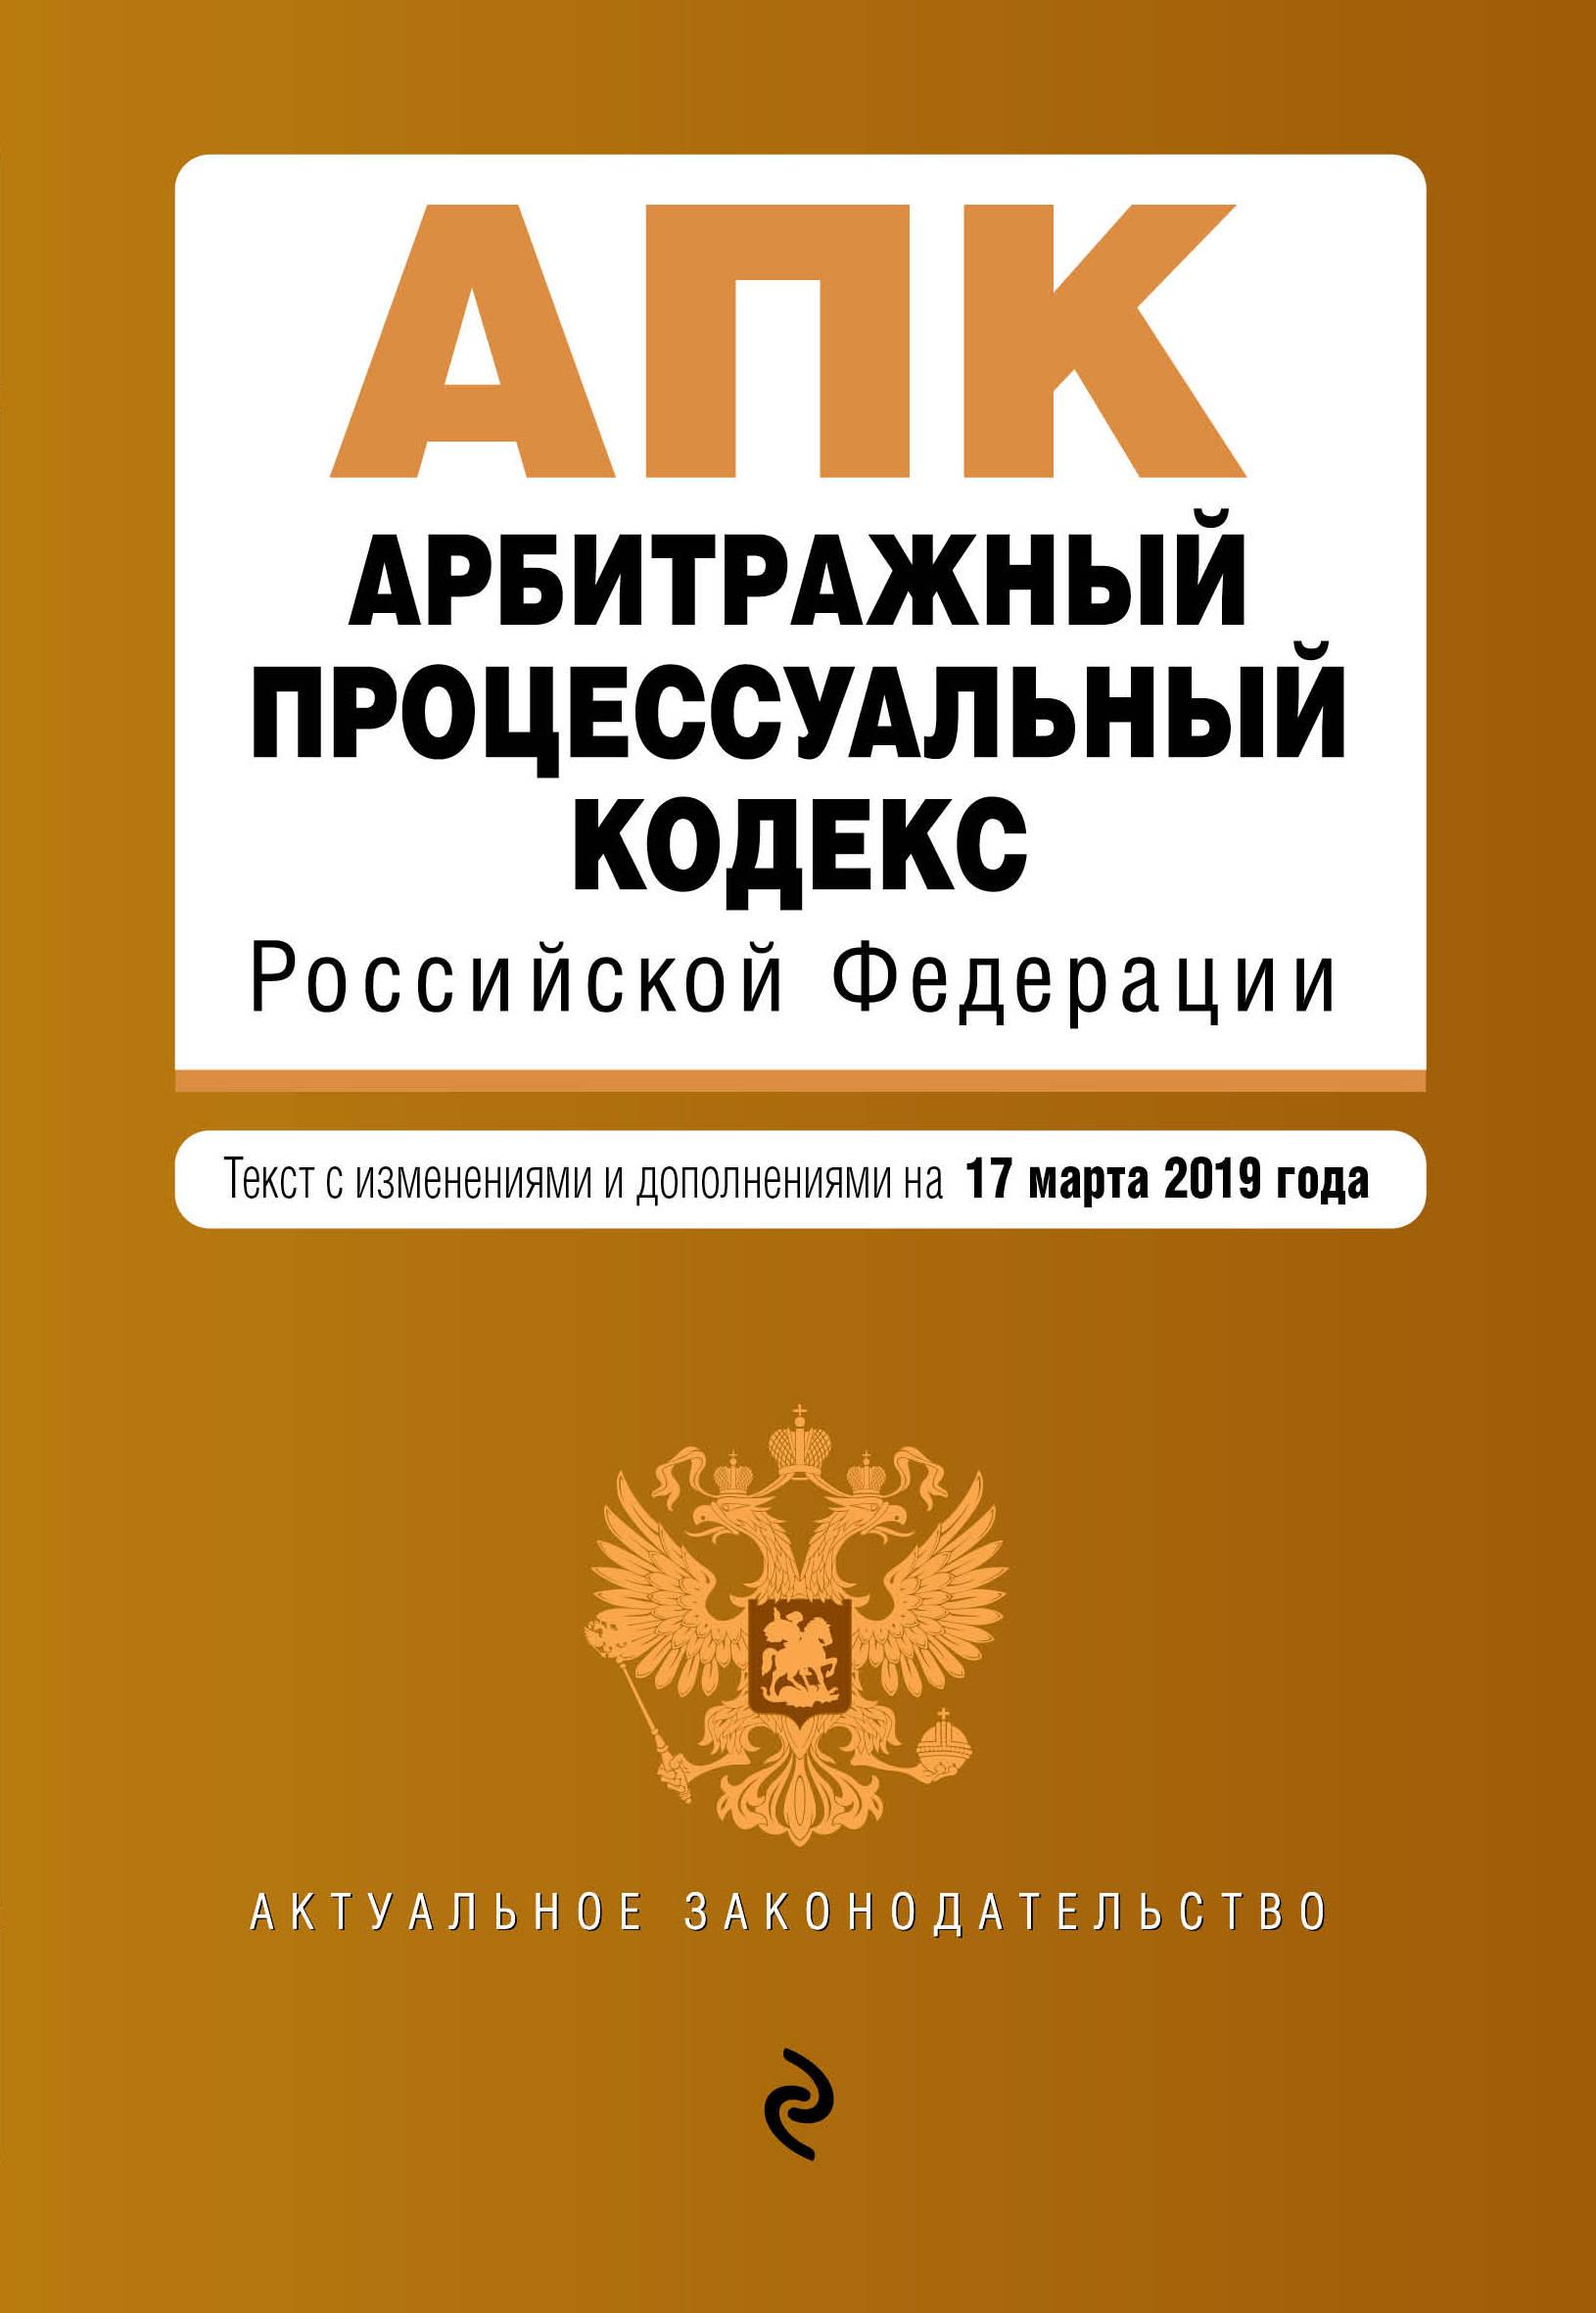 Арбитражный процессуальный кодекс Российской Федерации. Текст с изм. и доп. на 17 марта 2019 г.